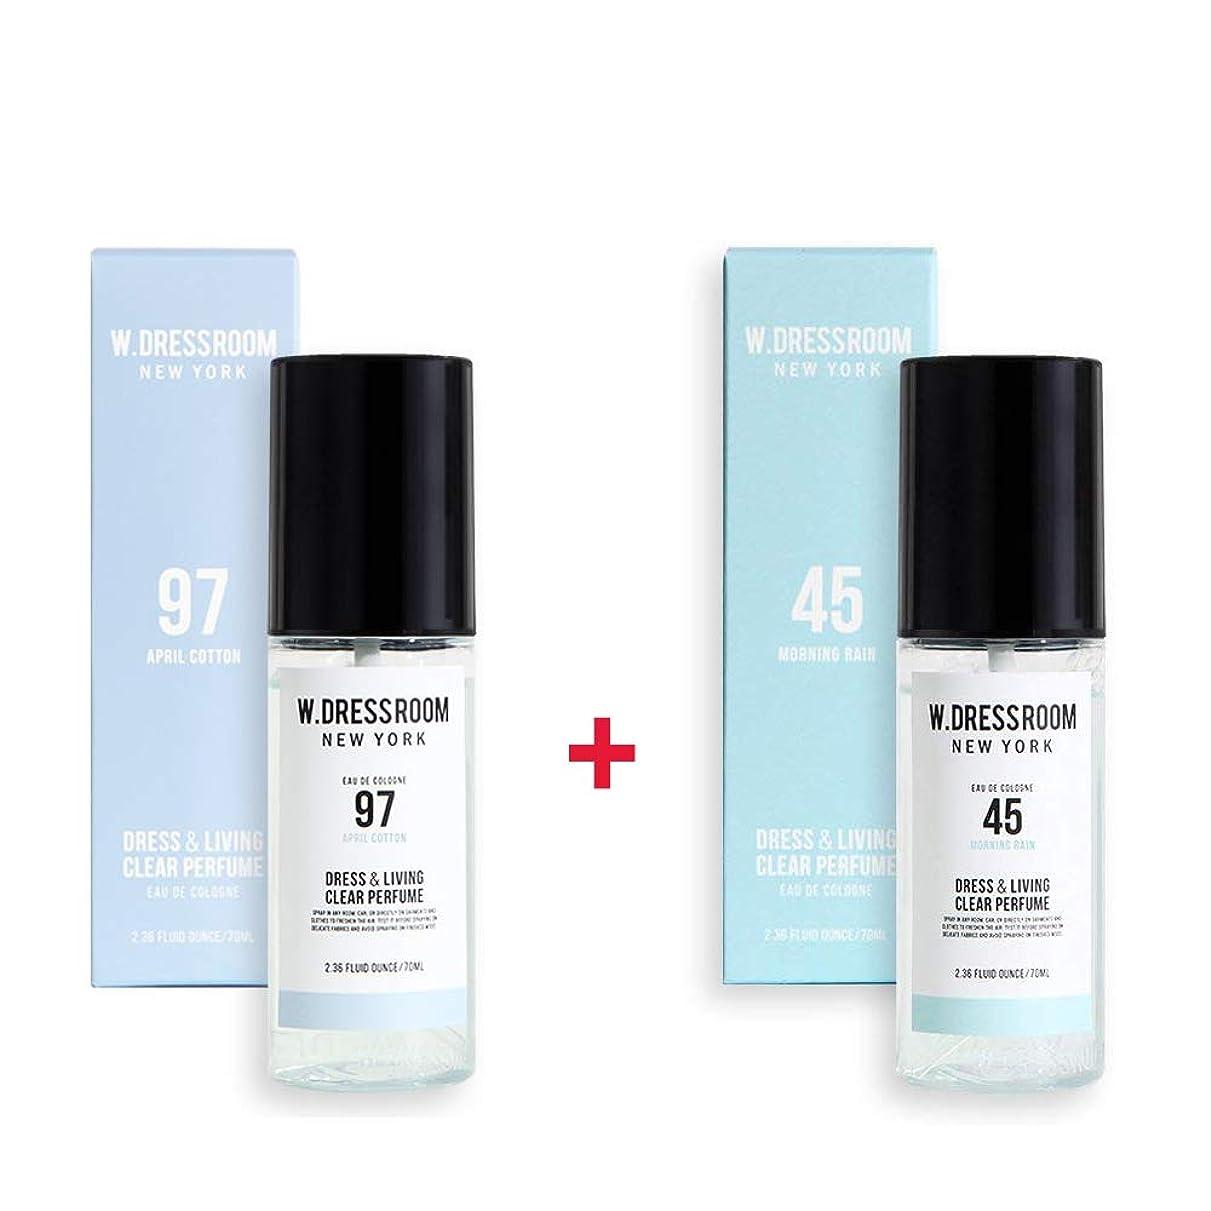 注ぎます分析する苦いW.DRESSROOM Dress & Living Clear Perfume 70ml (No 97 April Cotton)+(No 45 Morning Rain)